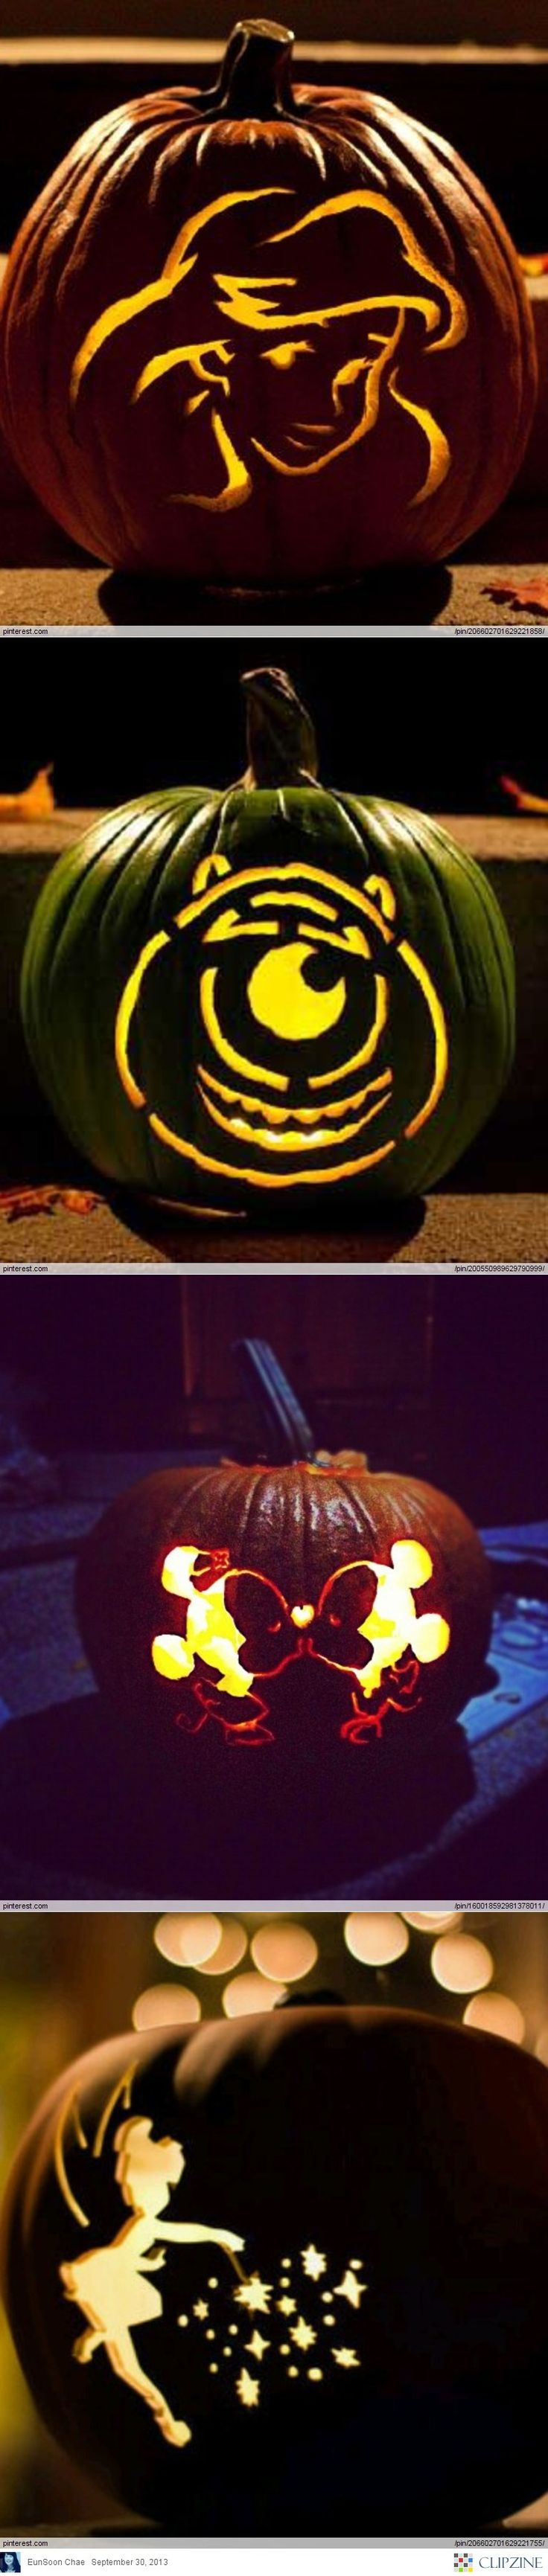 hier sind ein paar #Ideen zum Kürbisschnitzen zu #Halloween